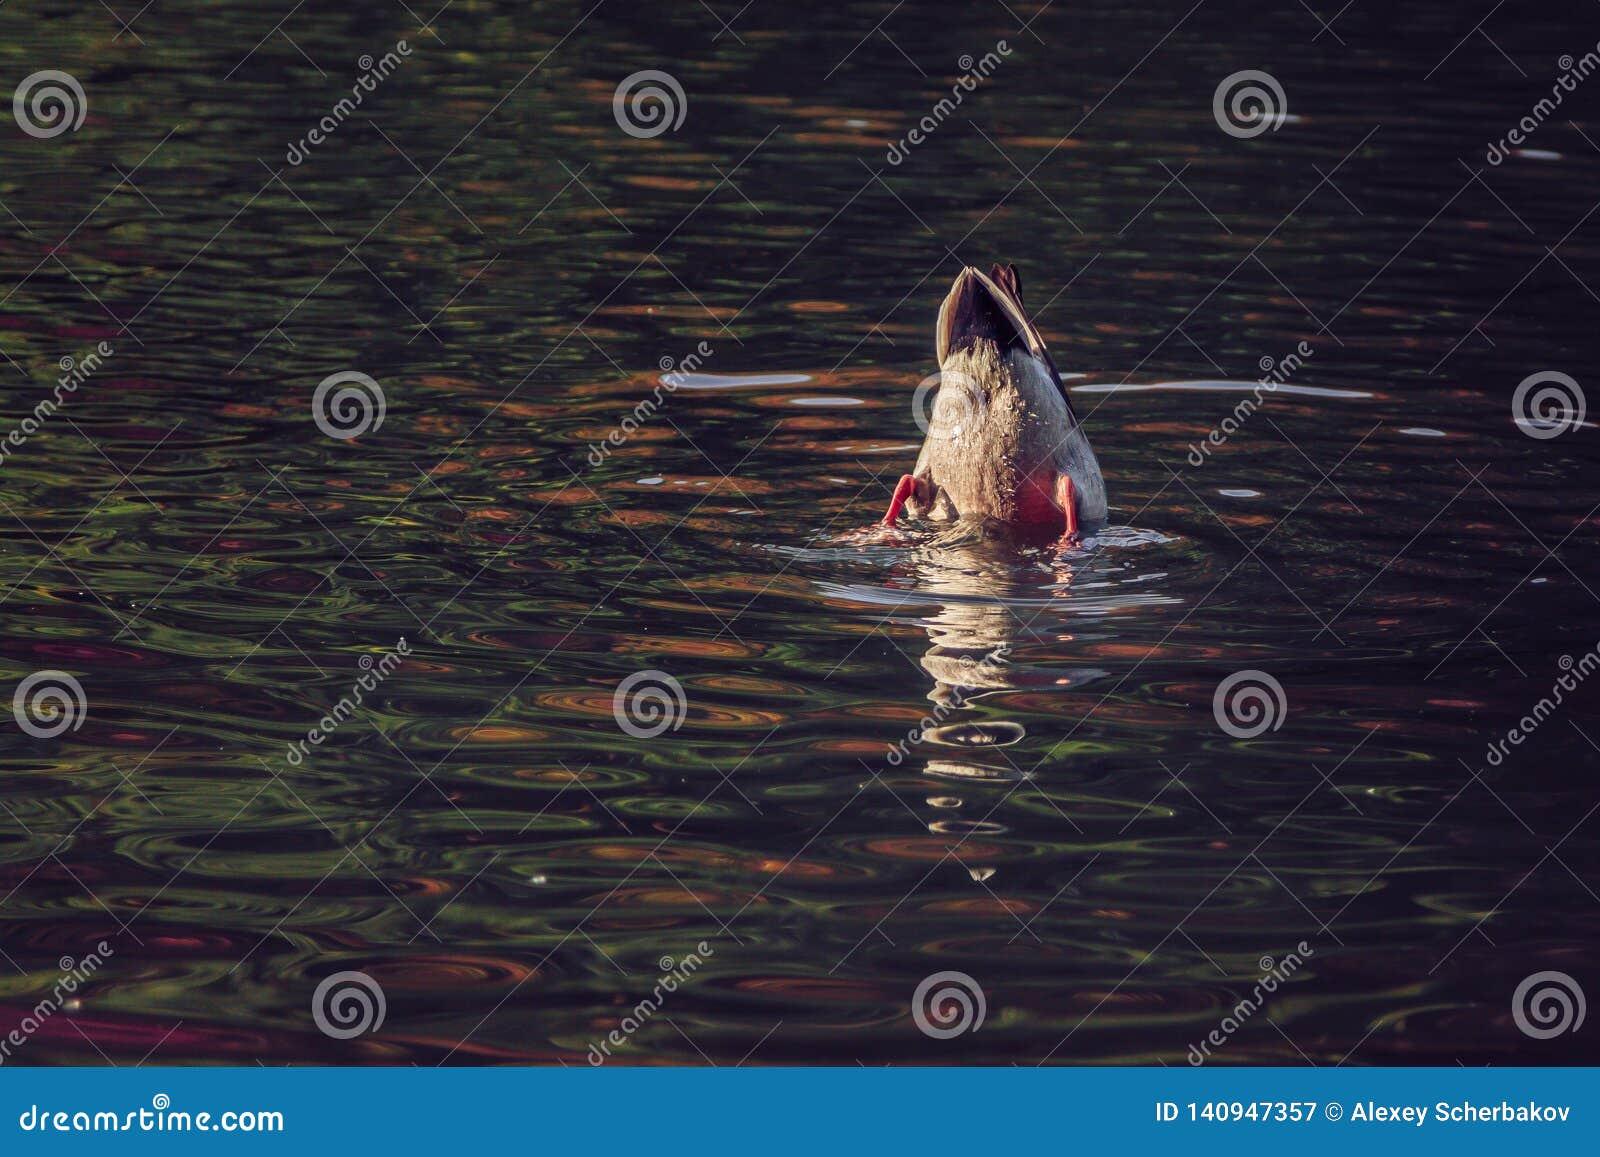 水面上鸭子的尾巴